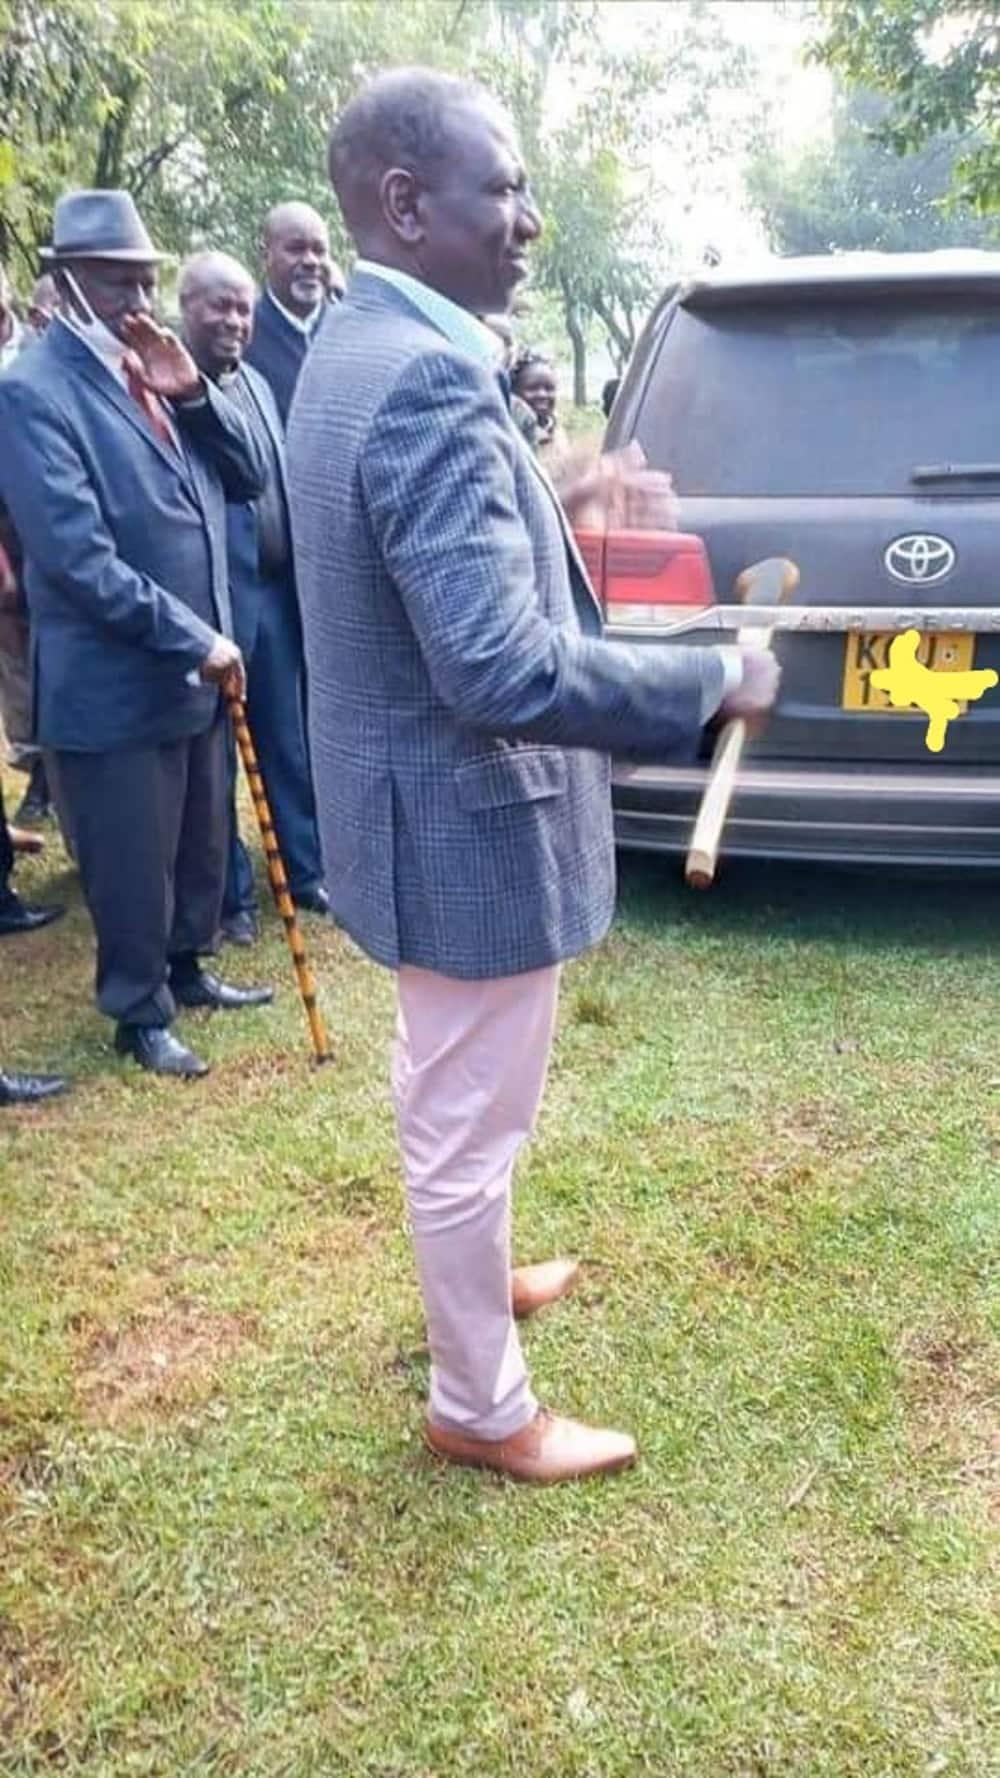 Mkutano wa DP Ruto na wazee wa Talai ulipangwa kwa miezi 6